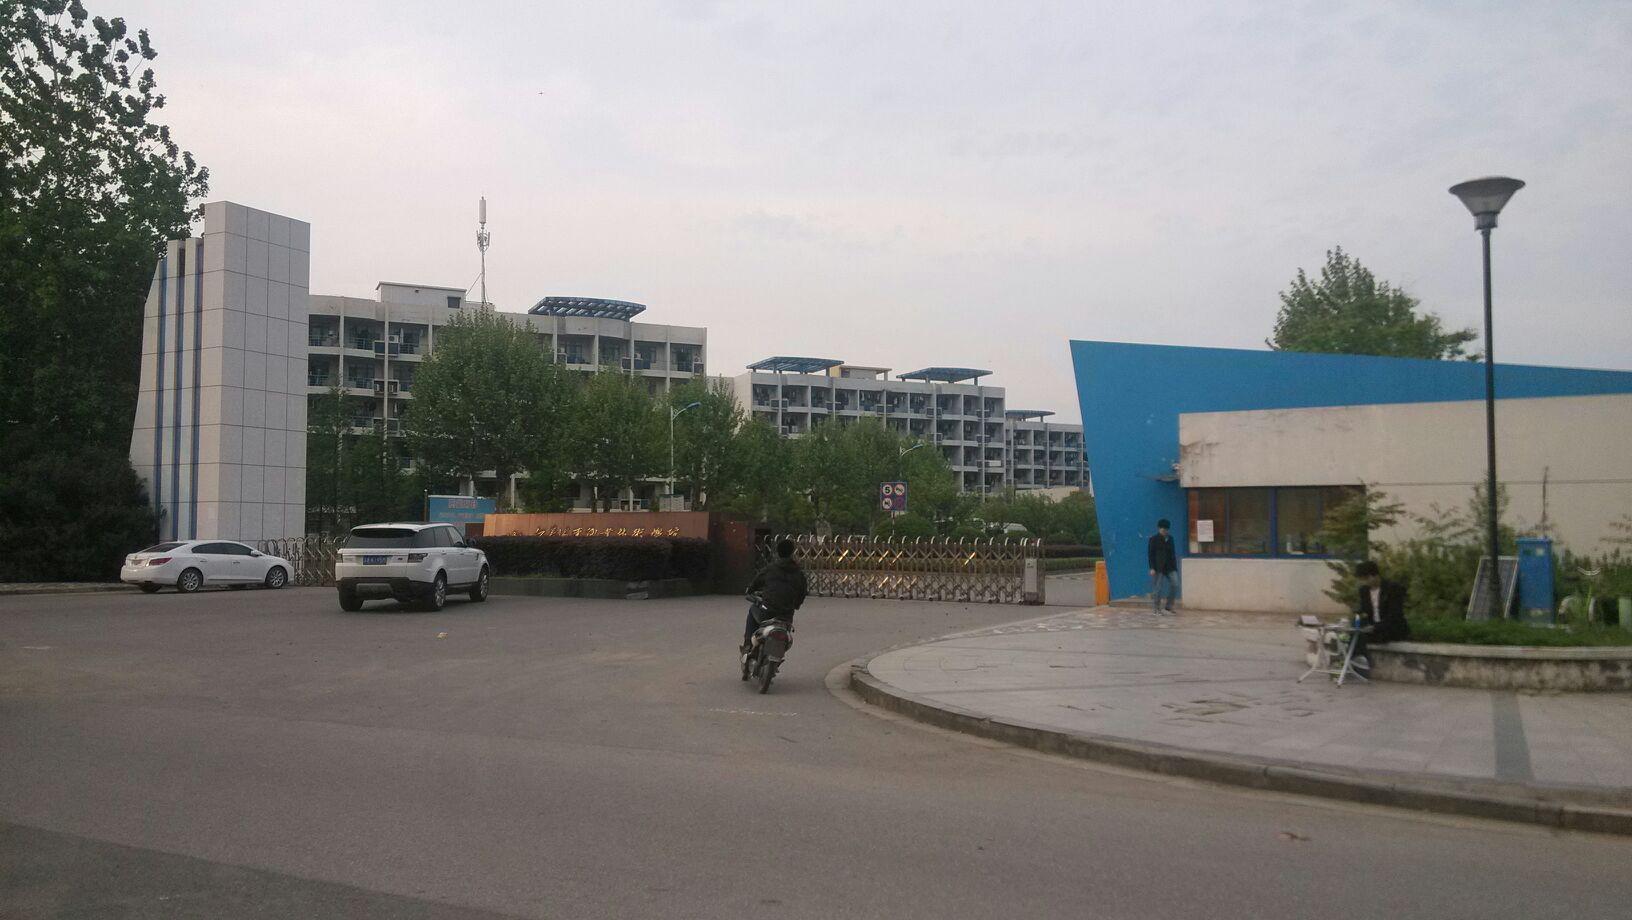 江苏海事职业技术学院(江宁校区)